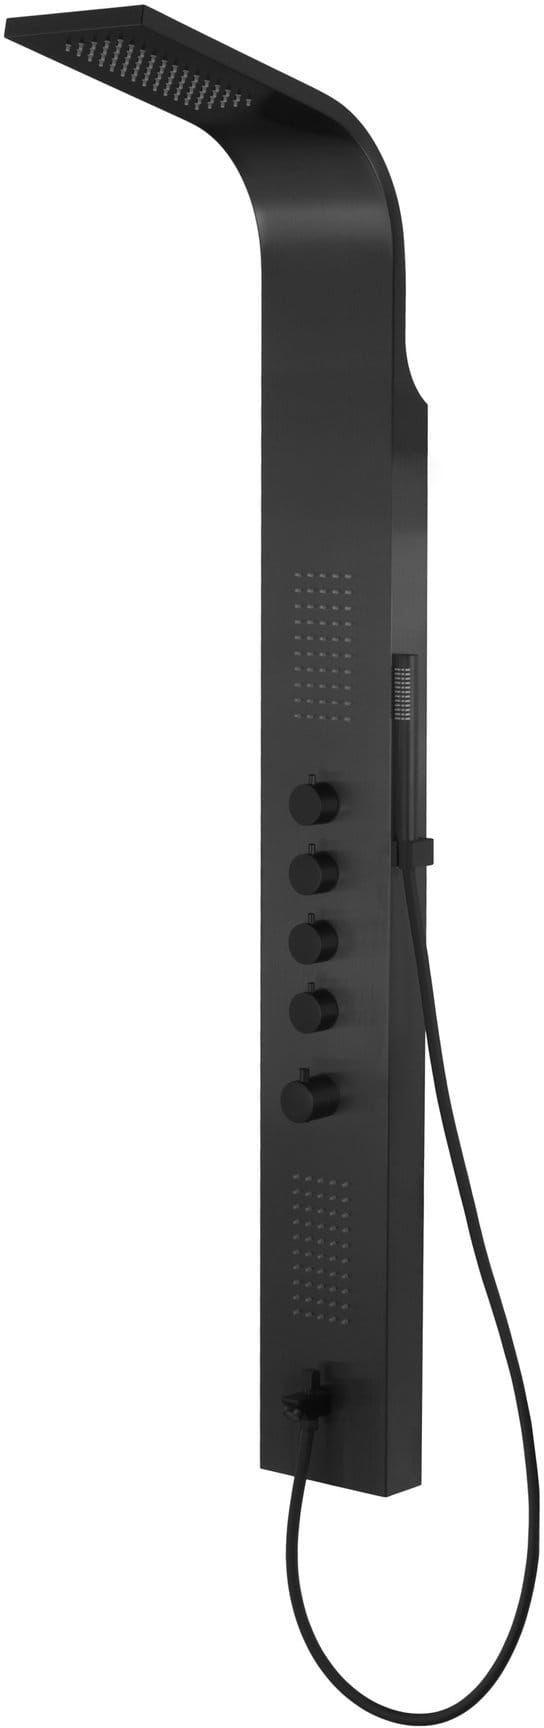 Corsan Samsara panel prysznicowy z termostatem czarny, czarne pokrętła, wylewka S-003TW SAMSARA CZARNA WY